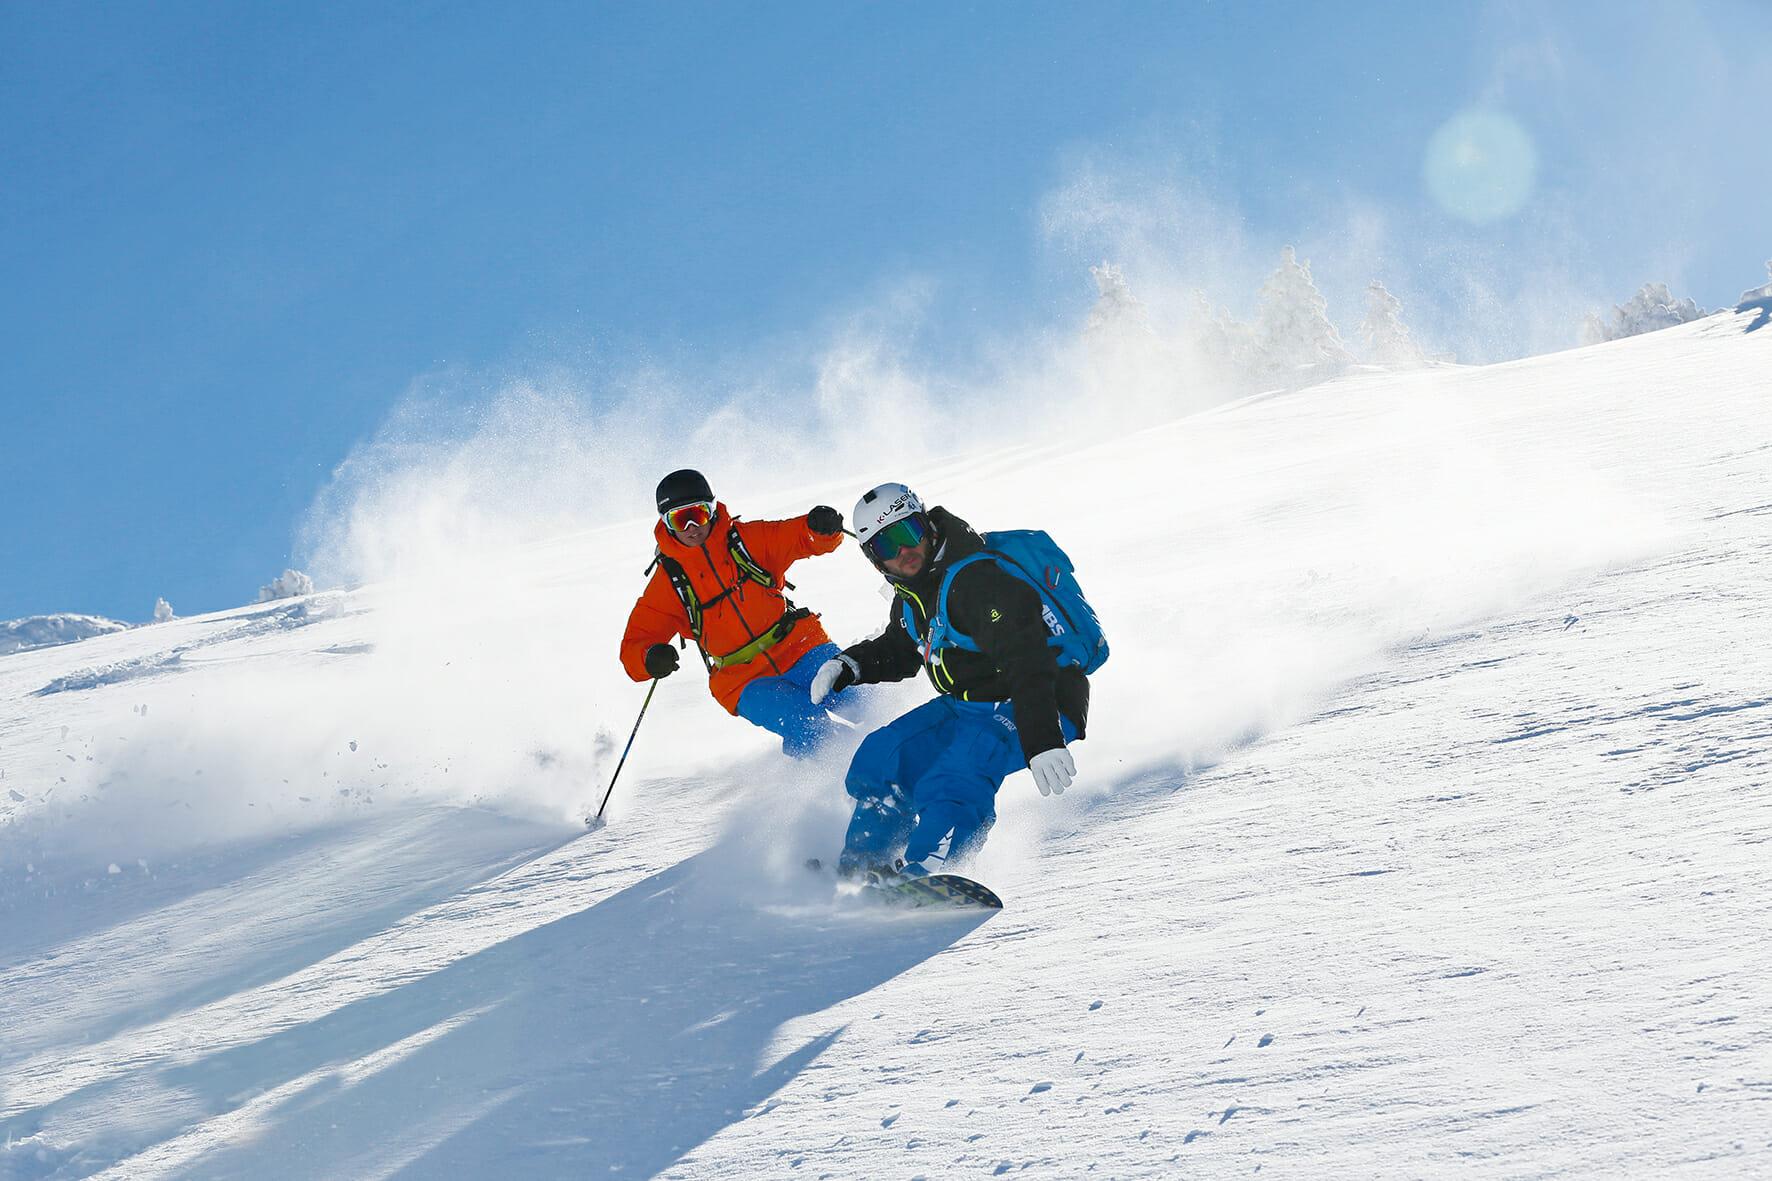 La salle de sport idéale pour se préparer au ski